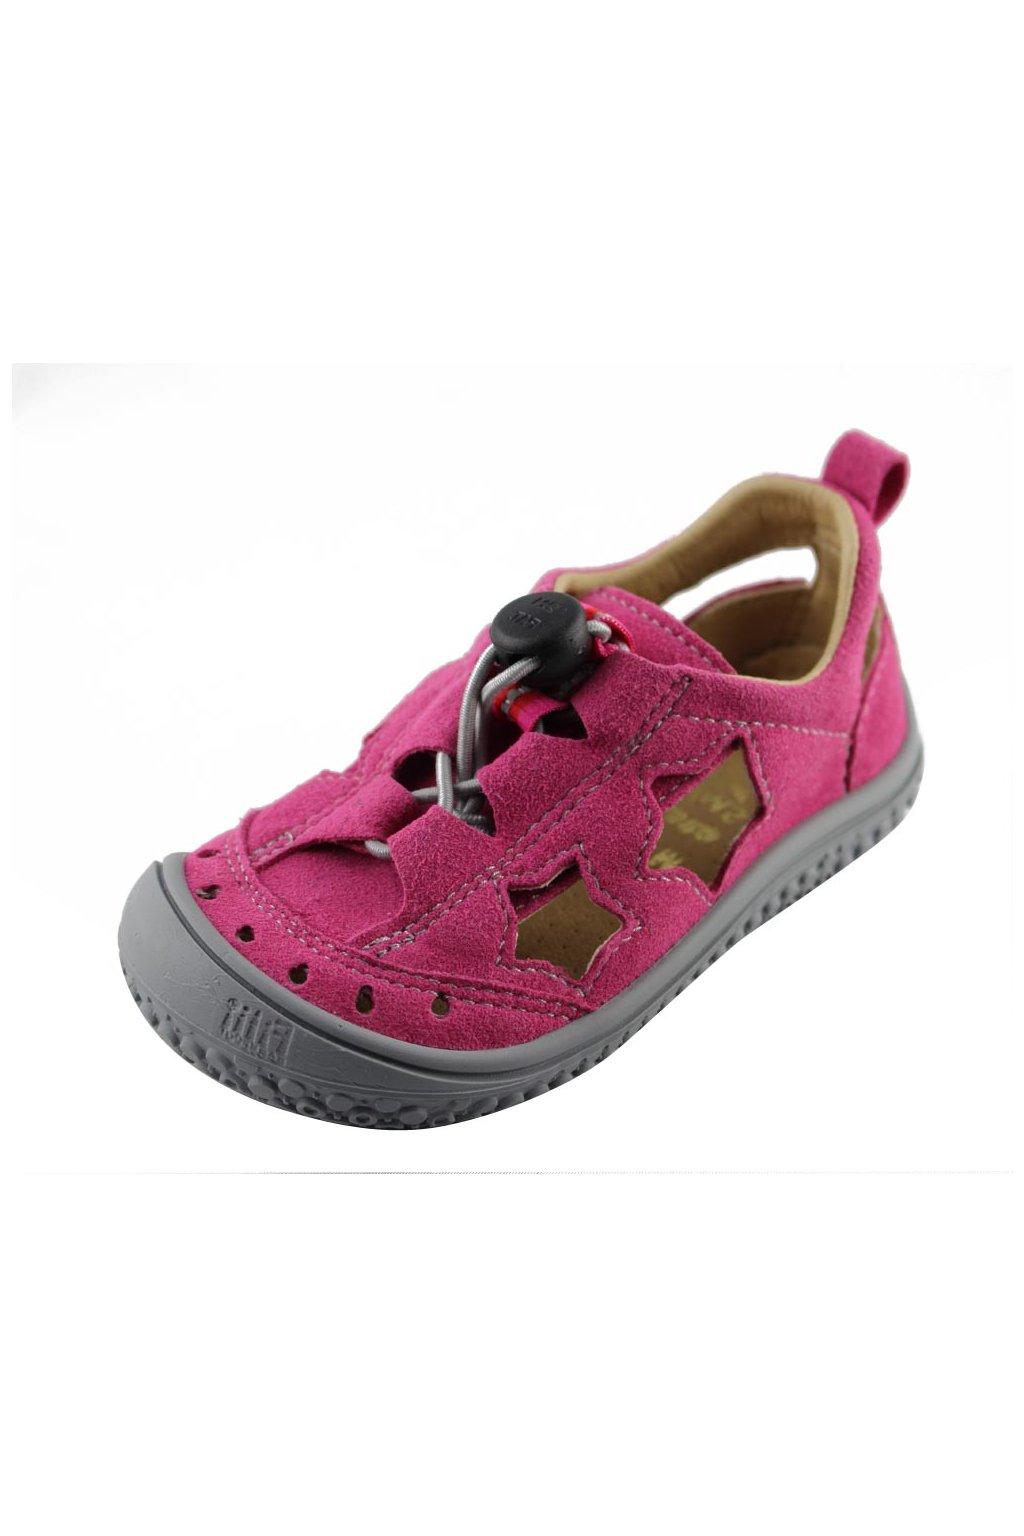 Filii Barefoot Vegan sandálky pink stars